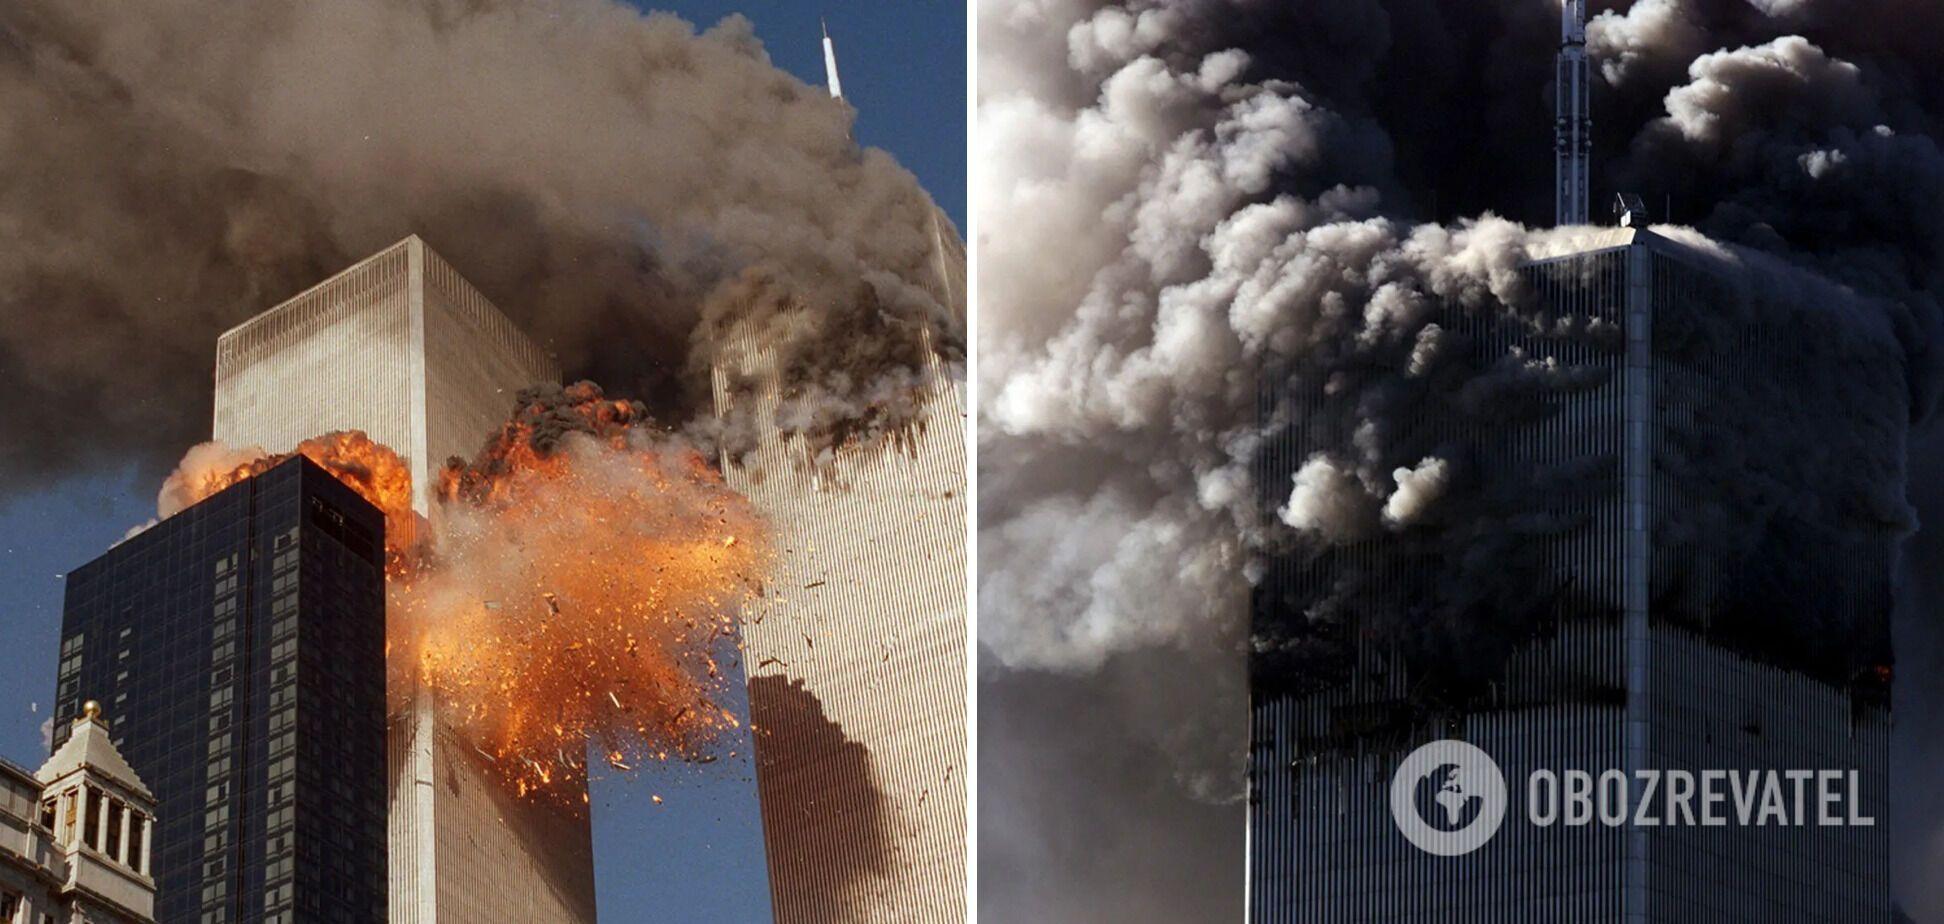 Примерно через два часа оба небоскреба рухнули